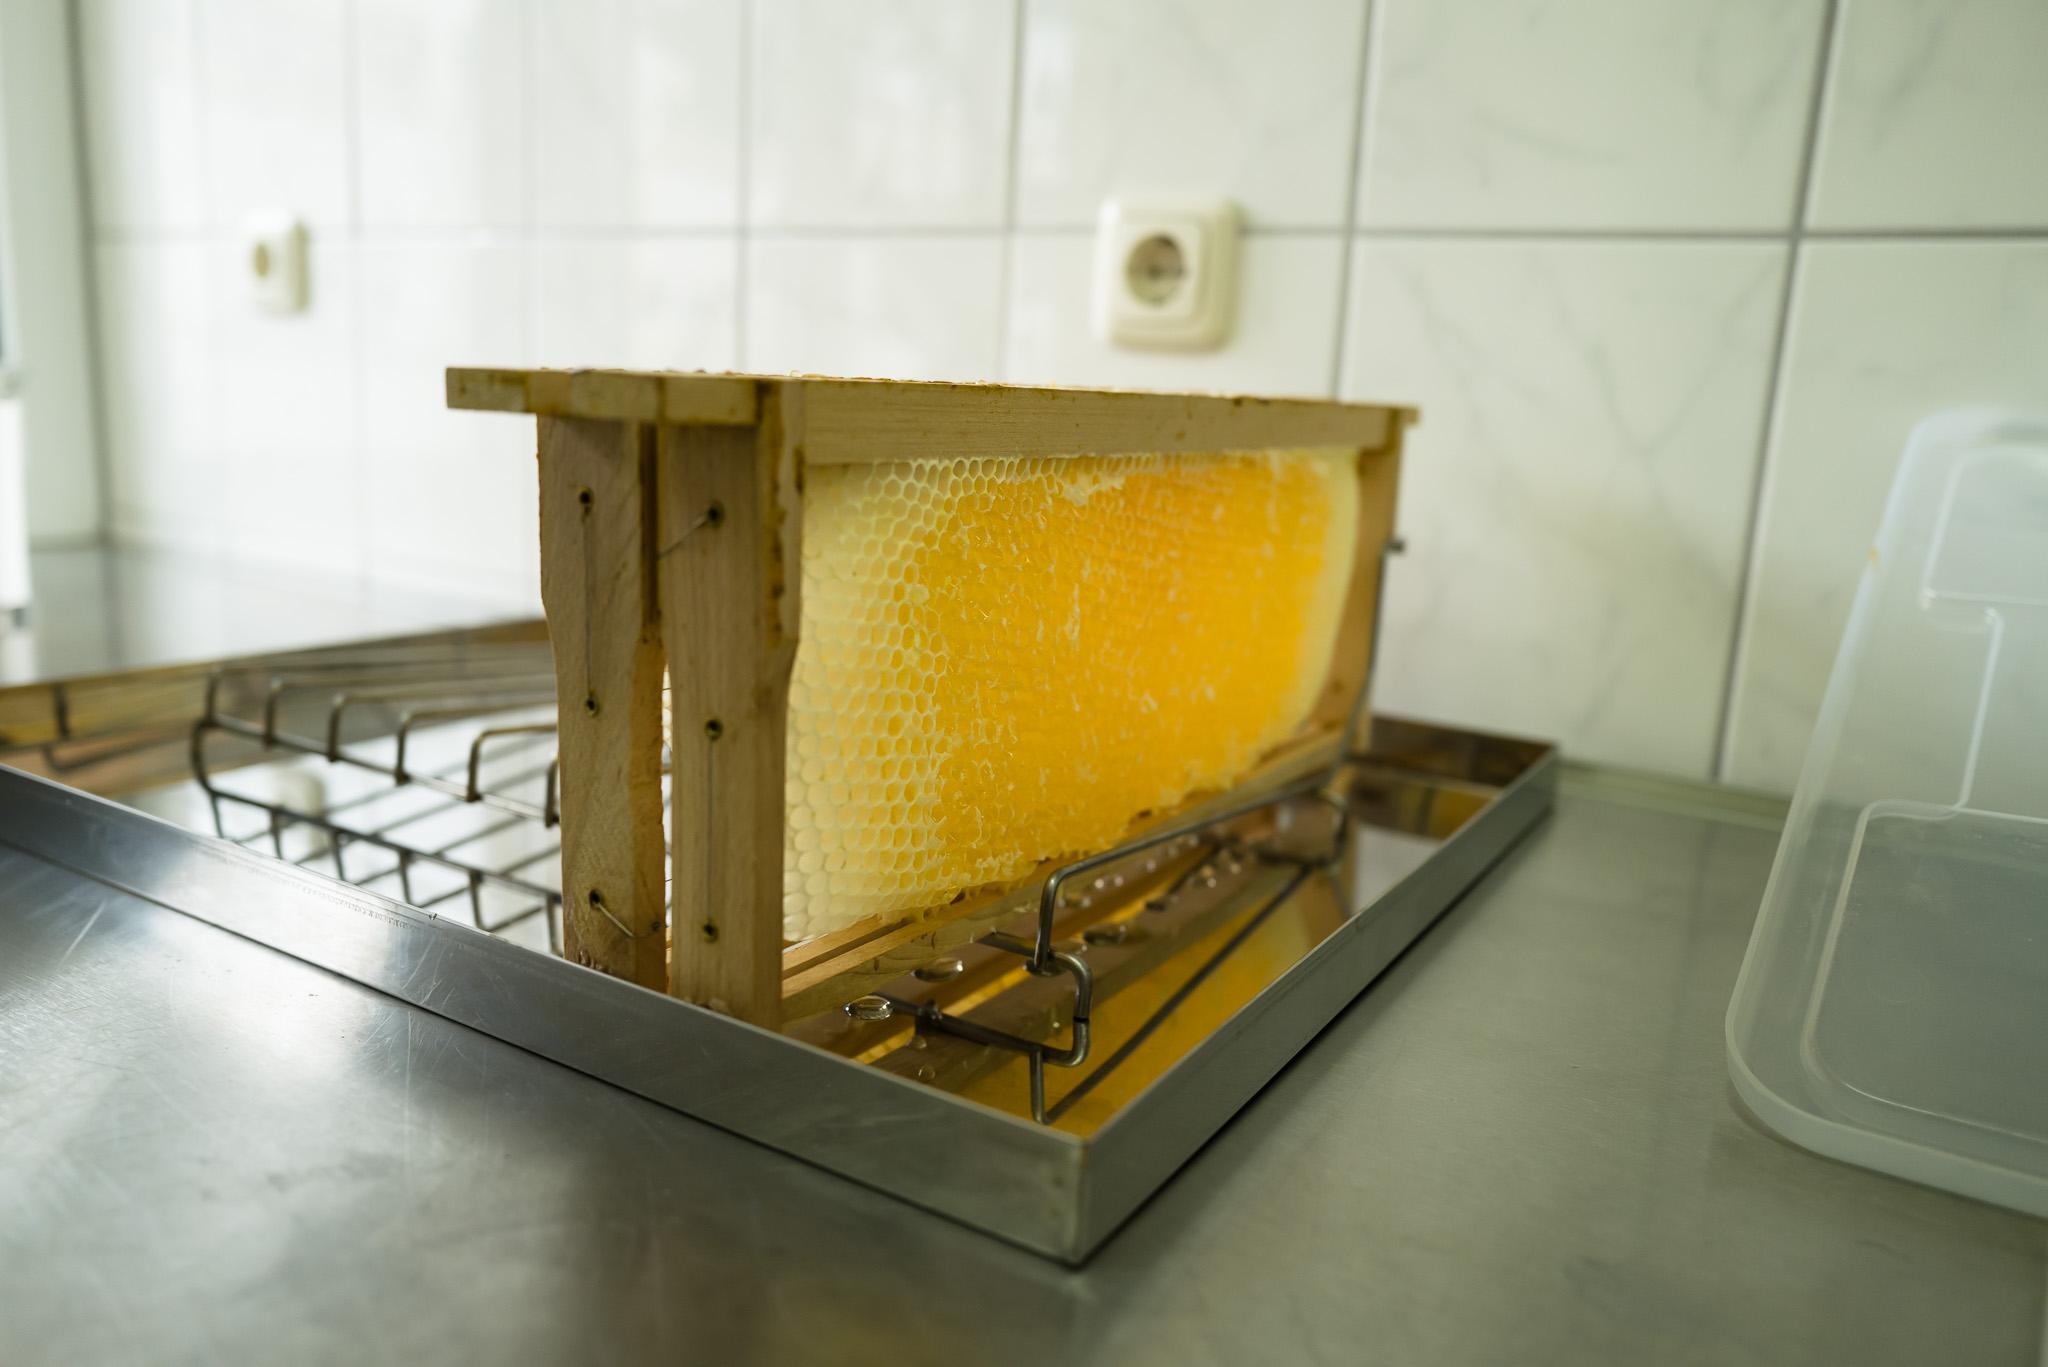 Imker - Entdeckelte Honigwaben